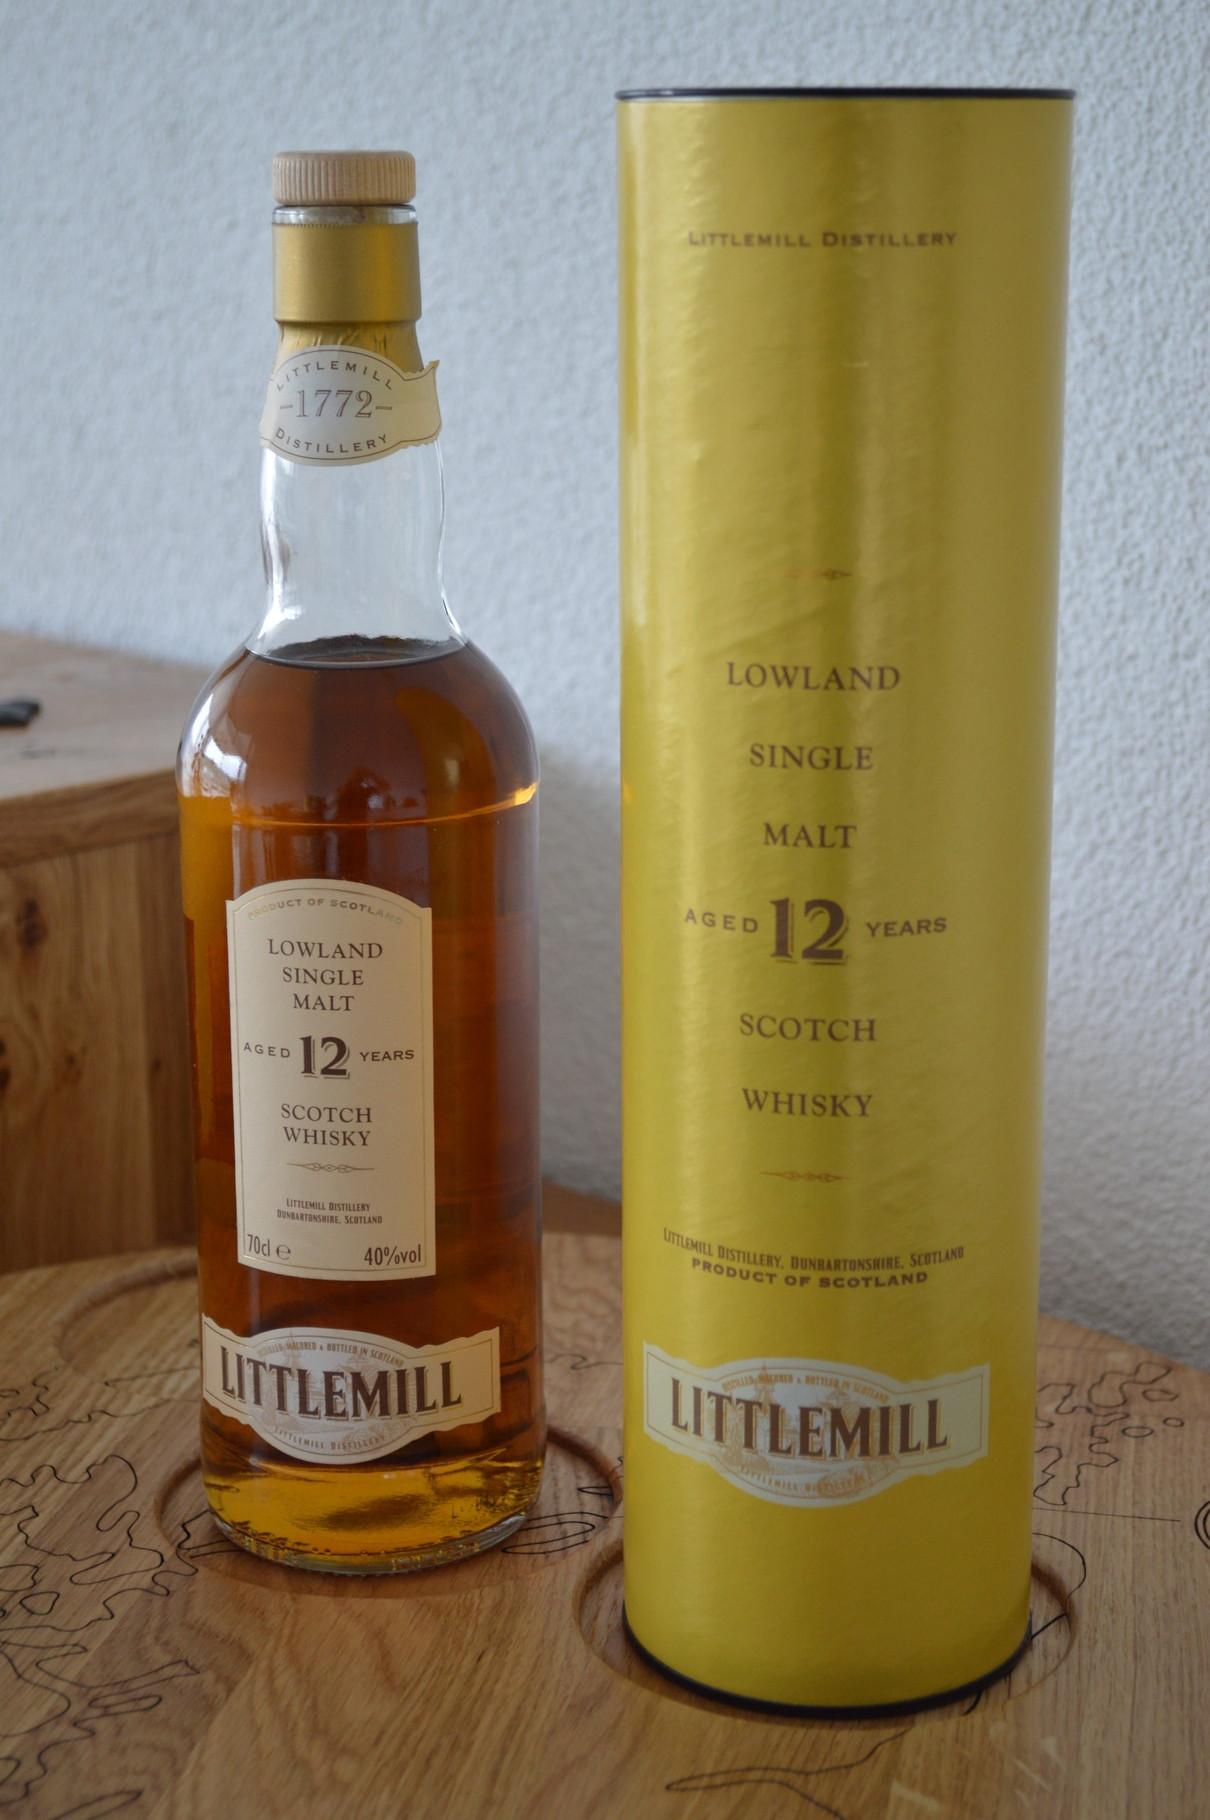 LOWLANDS - Littlemill* - Aged: 12 years - Bottler: Original - 70cl - 40%